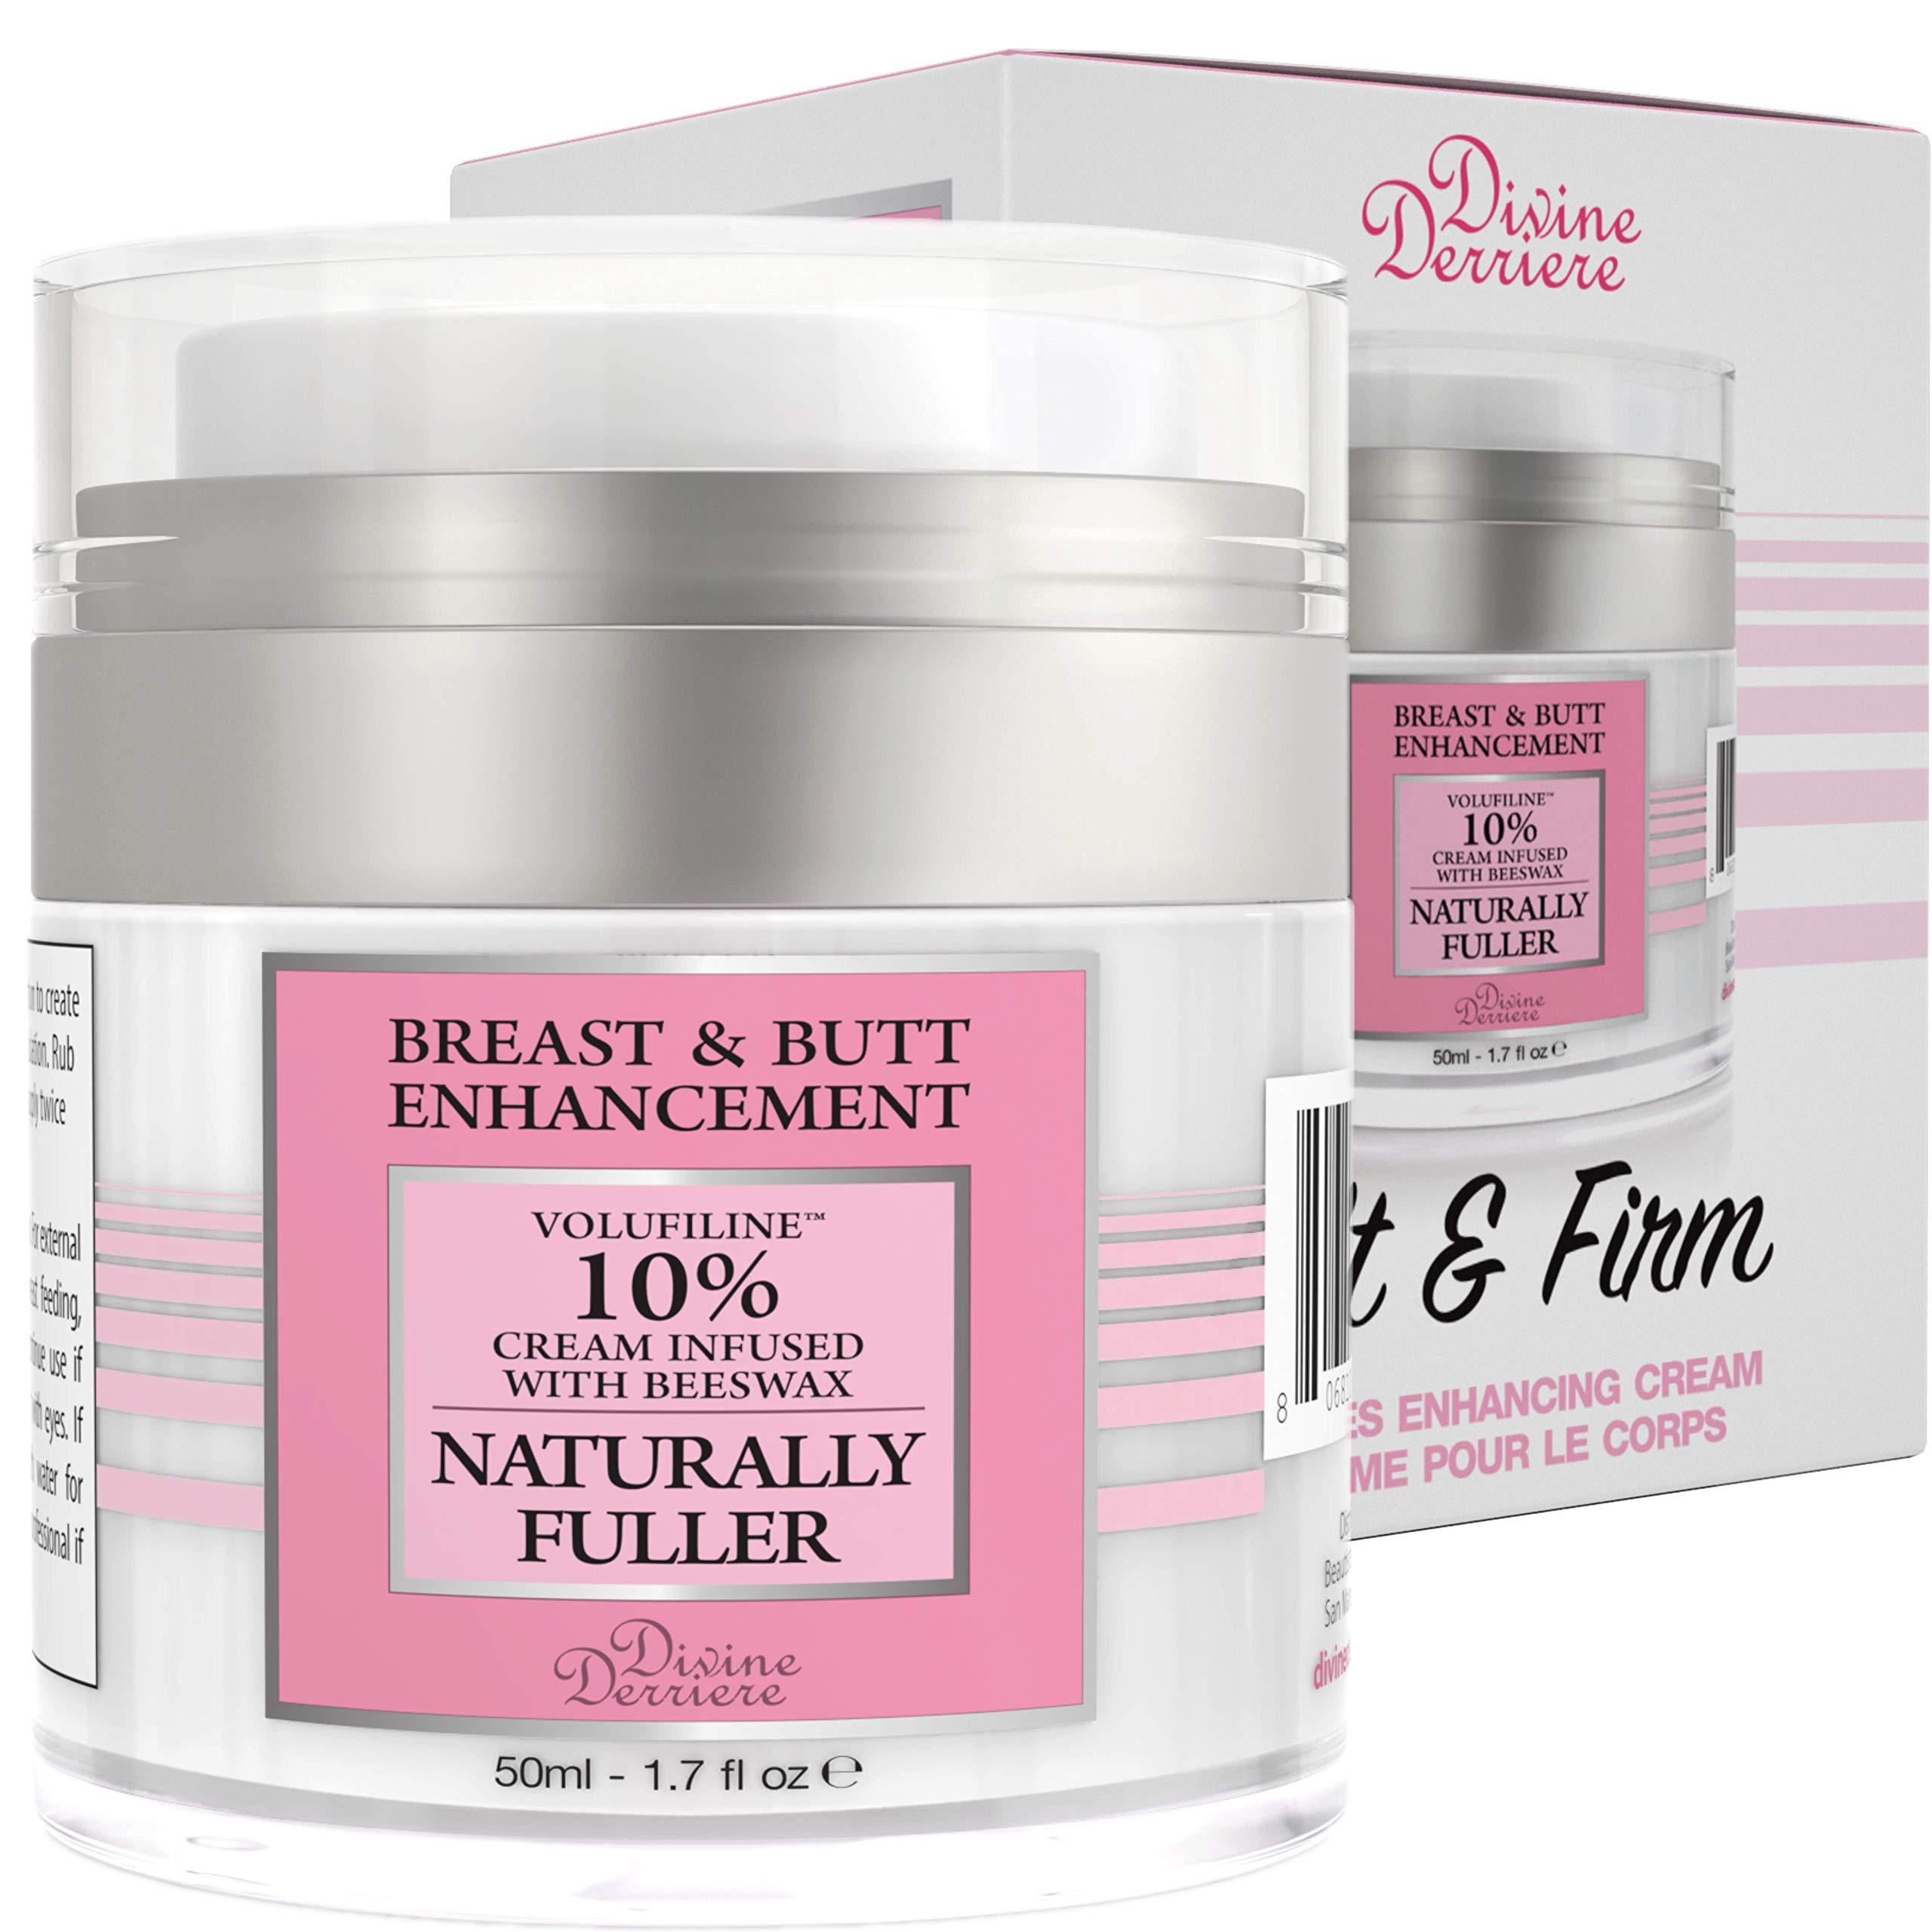 Divine Derriere Breast Enhancement Cream